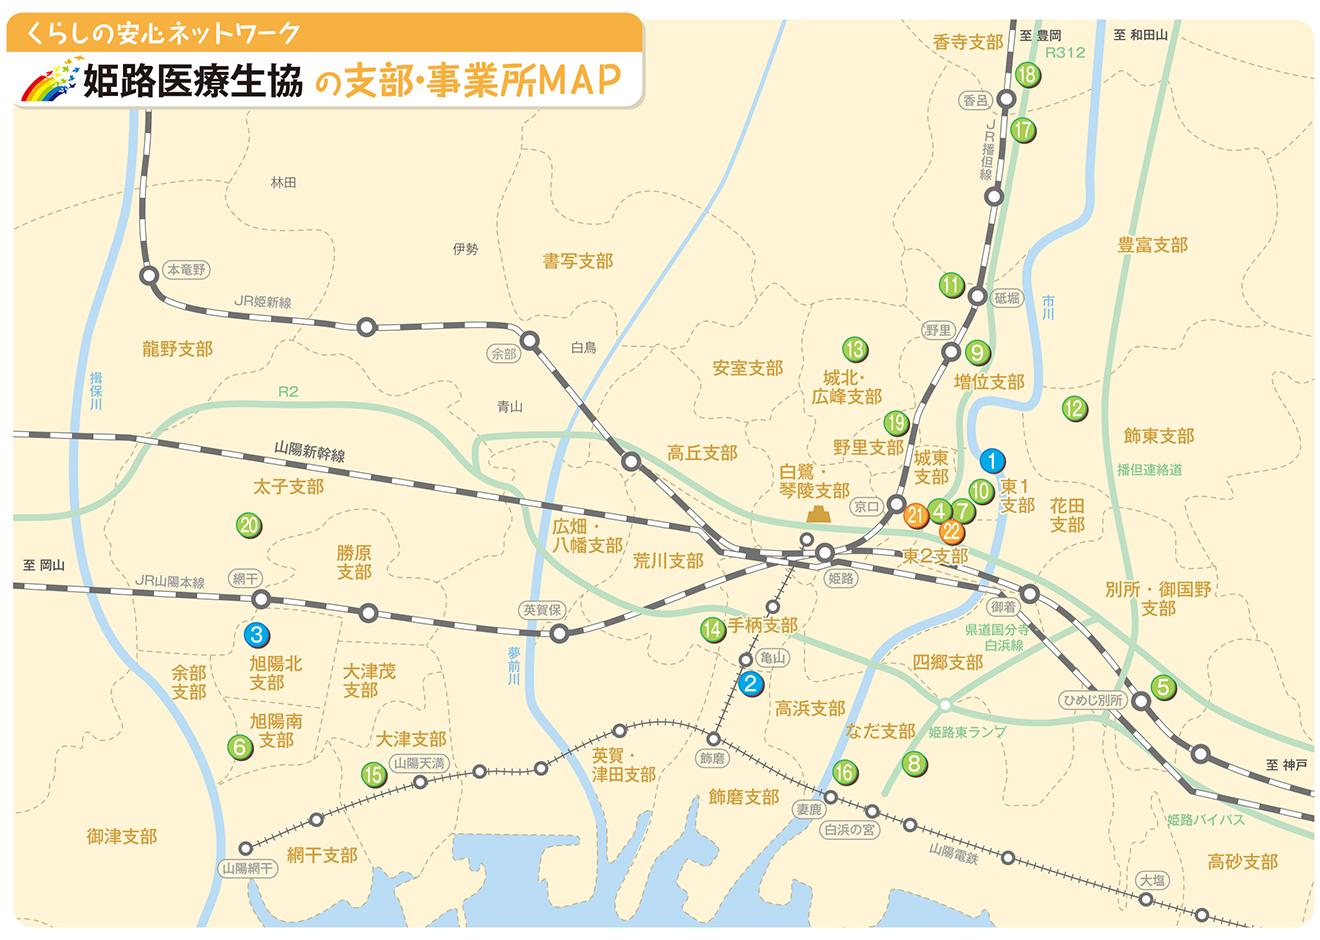 姫路医療生協の支部・事業所MAP